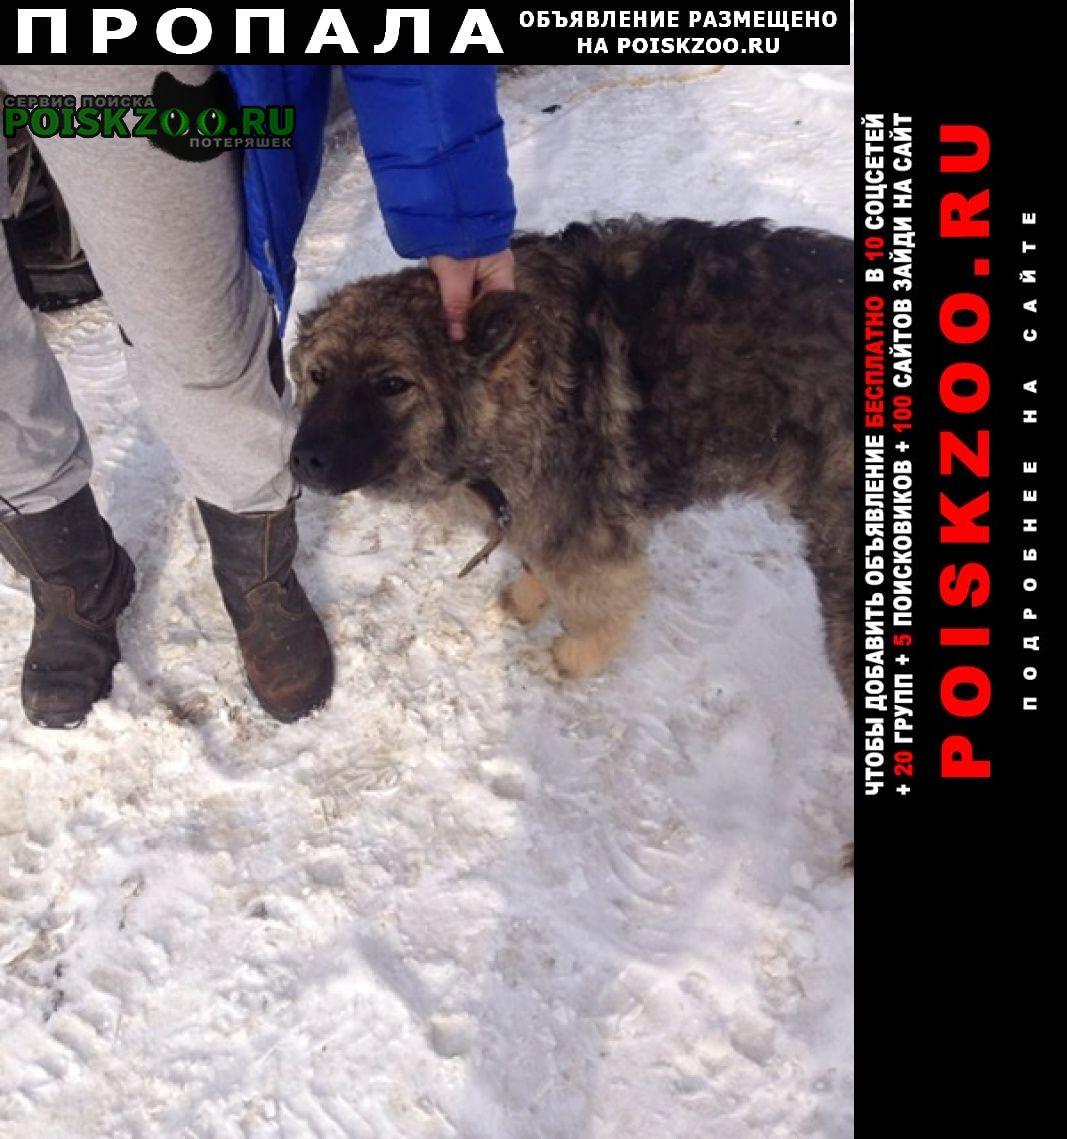 Пропала собака Агеево